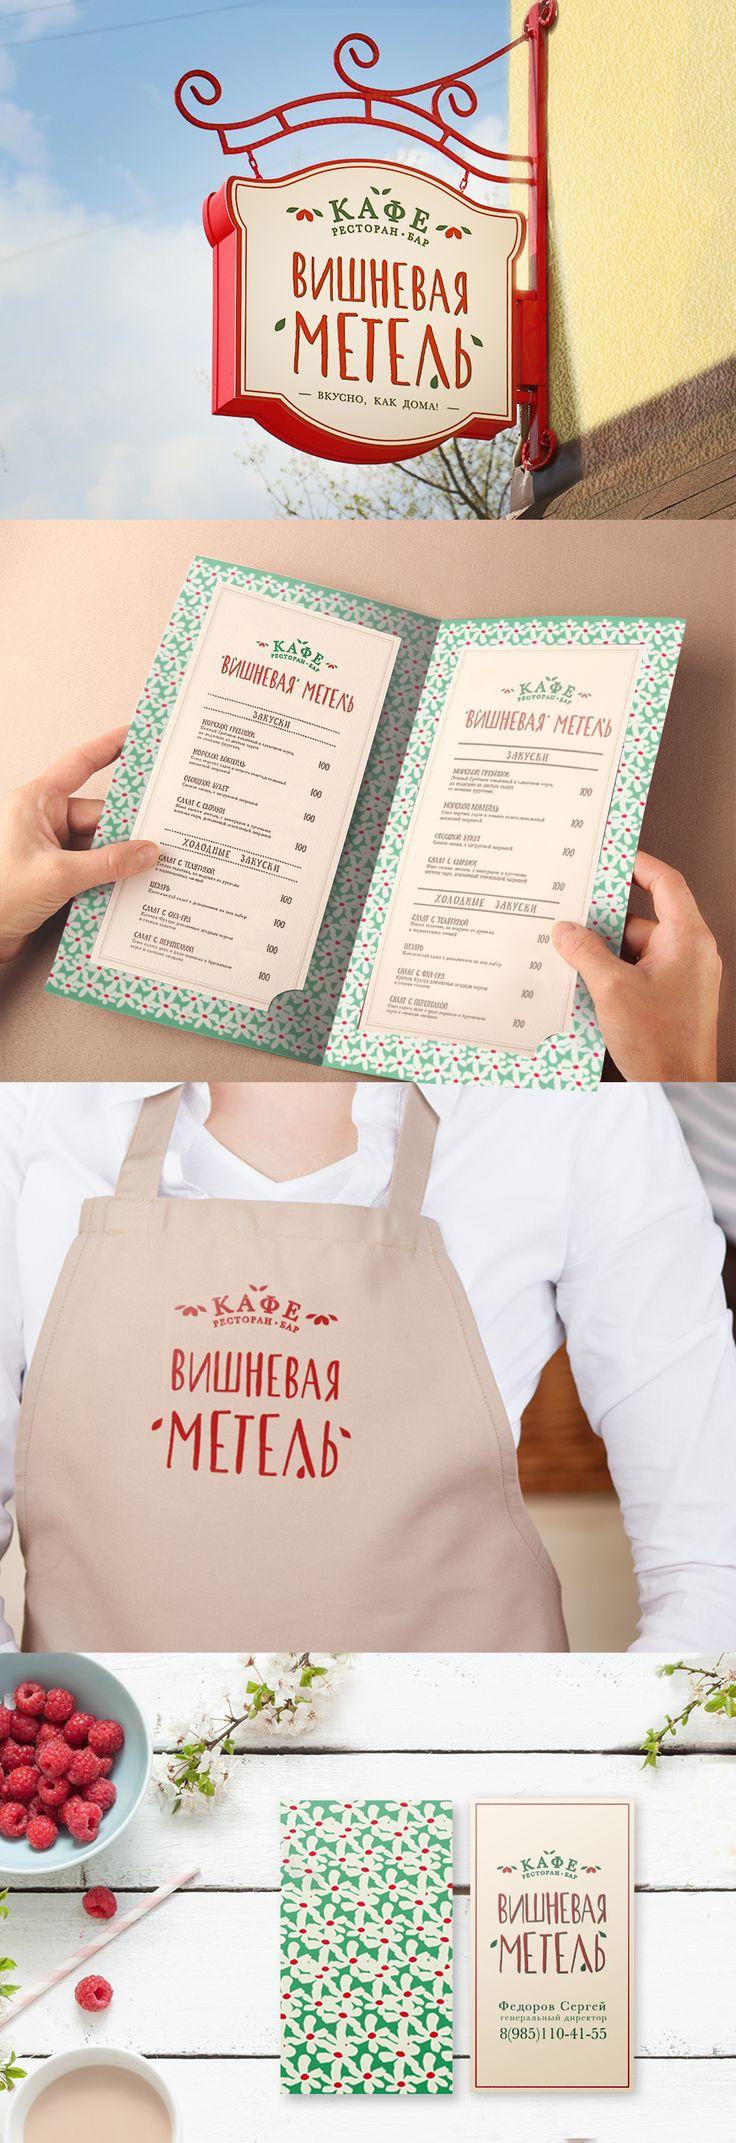 Фирменный стиль и ребрендинг для баров, ресторанов, кафе, пищевых производств и магазинов | Разработка (дизайн и создание) фирменного стиля и проведение ребрендинга на заказ в компании Клен